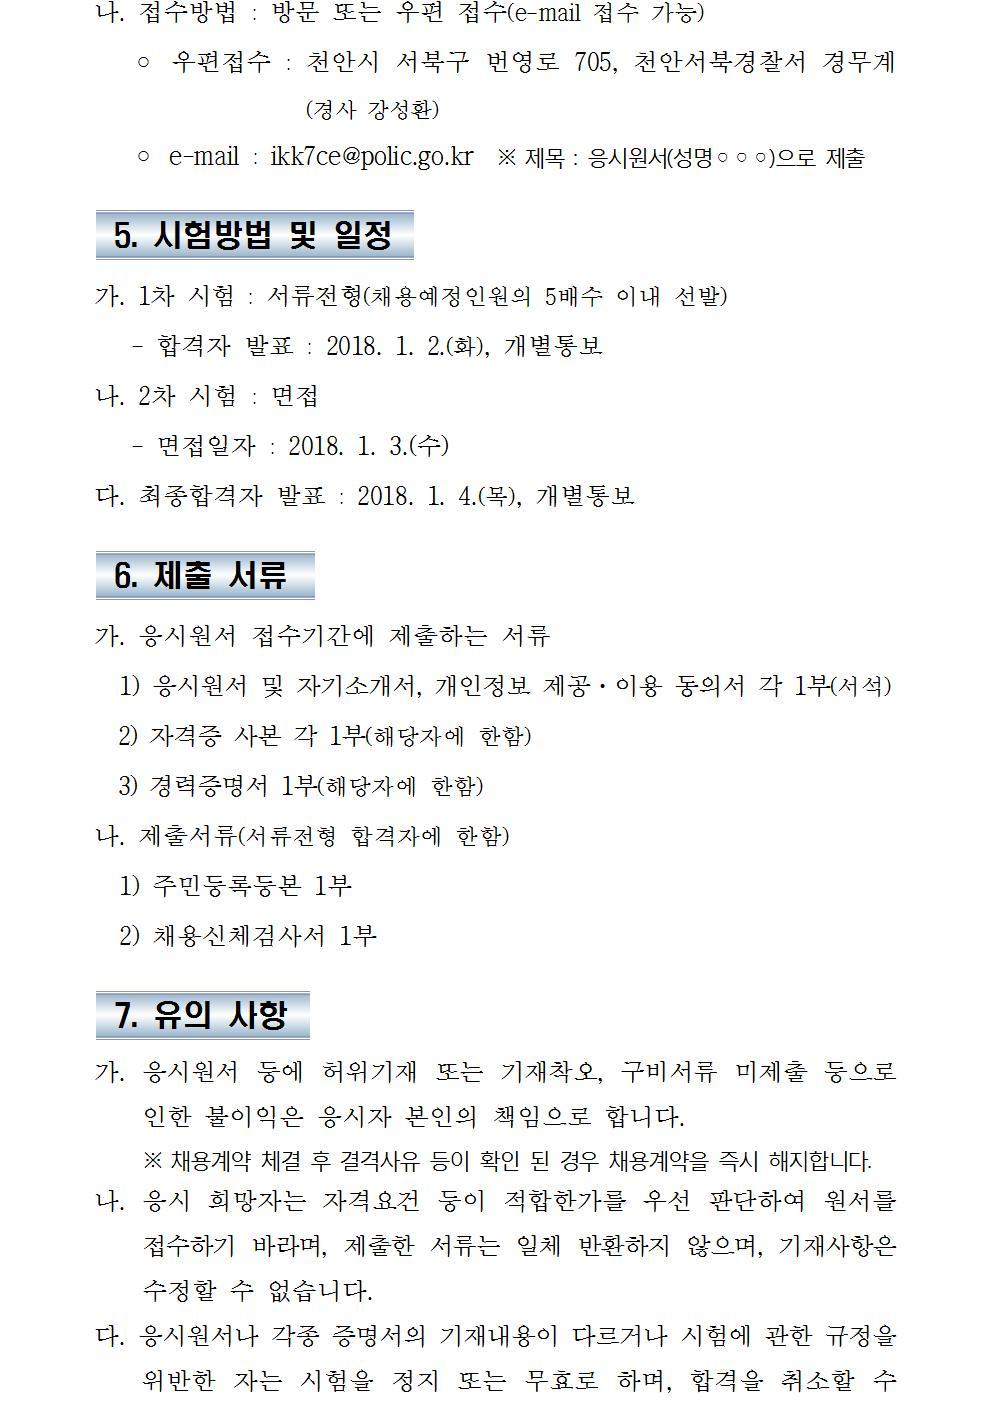 천안서북경찰서_기간제_근로자_채용_공고문002.jpg